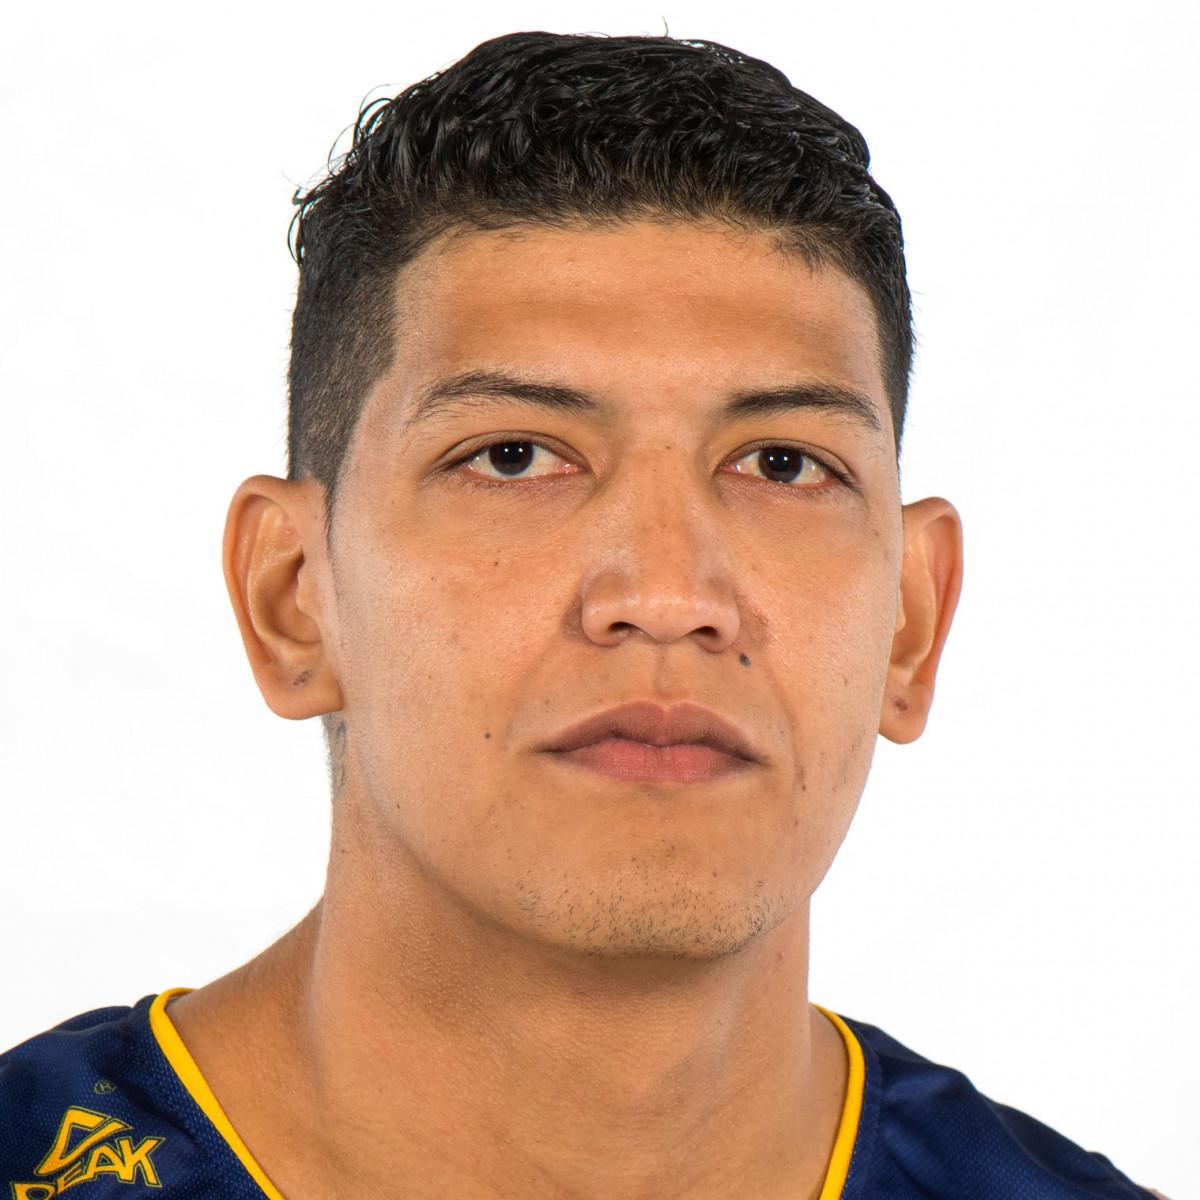 Jhornan Zamora